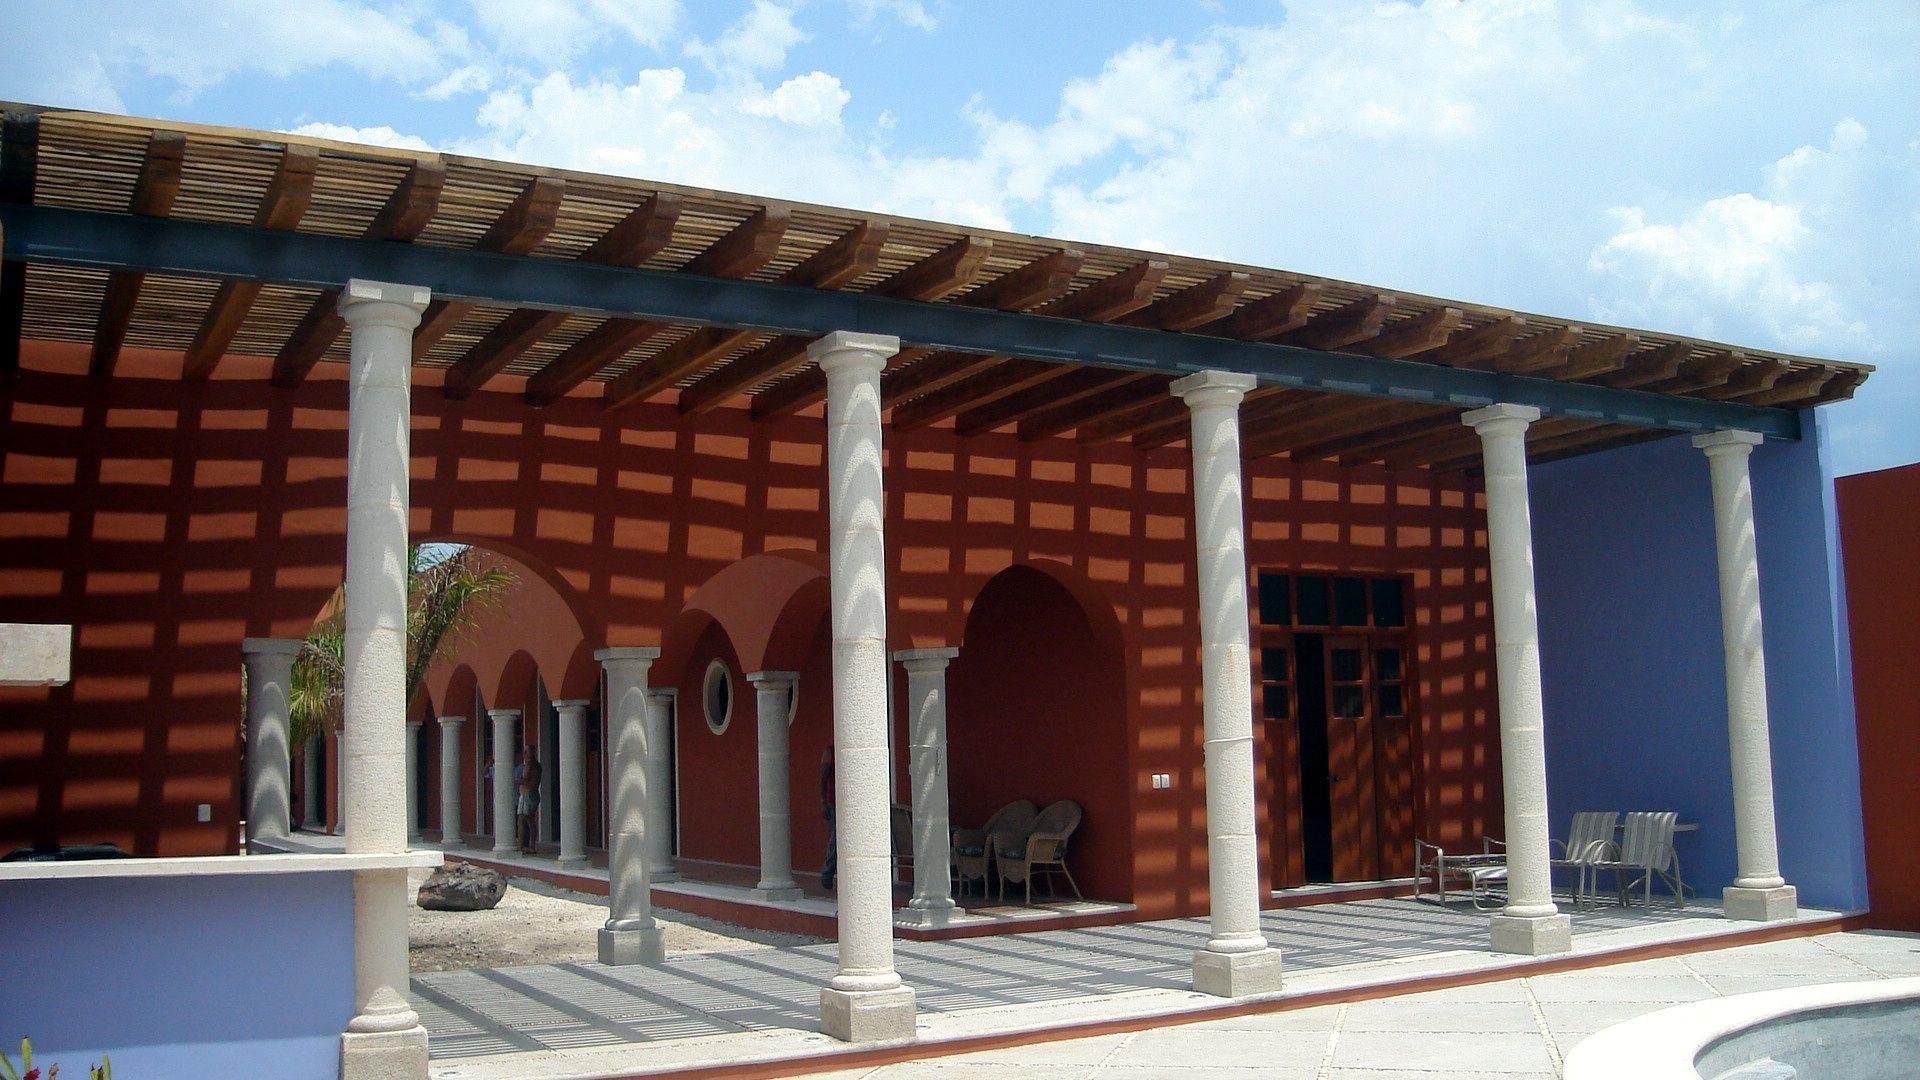 Pergola de madera dura pucte sobre viga ipr m rida yuc - Construccion de pergolas de madera ...